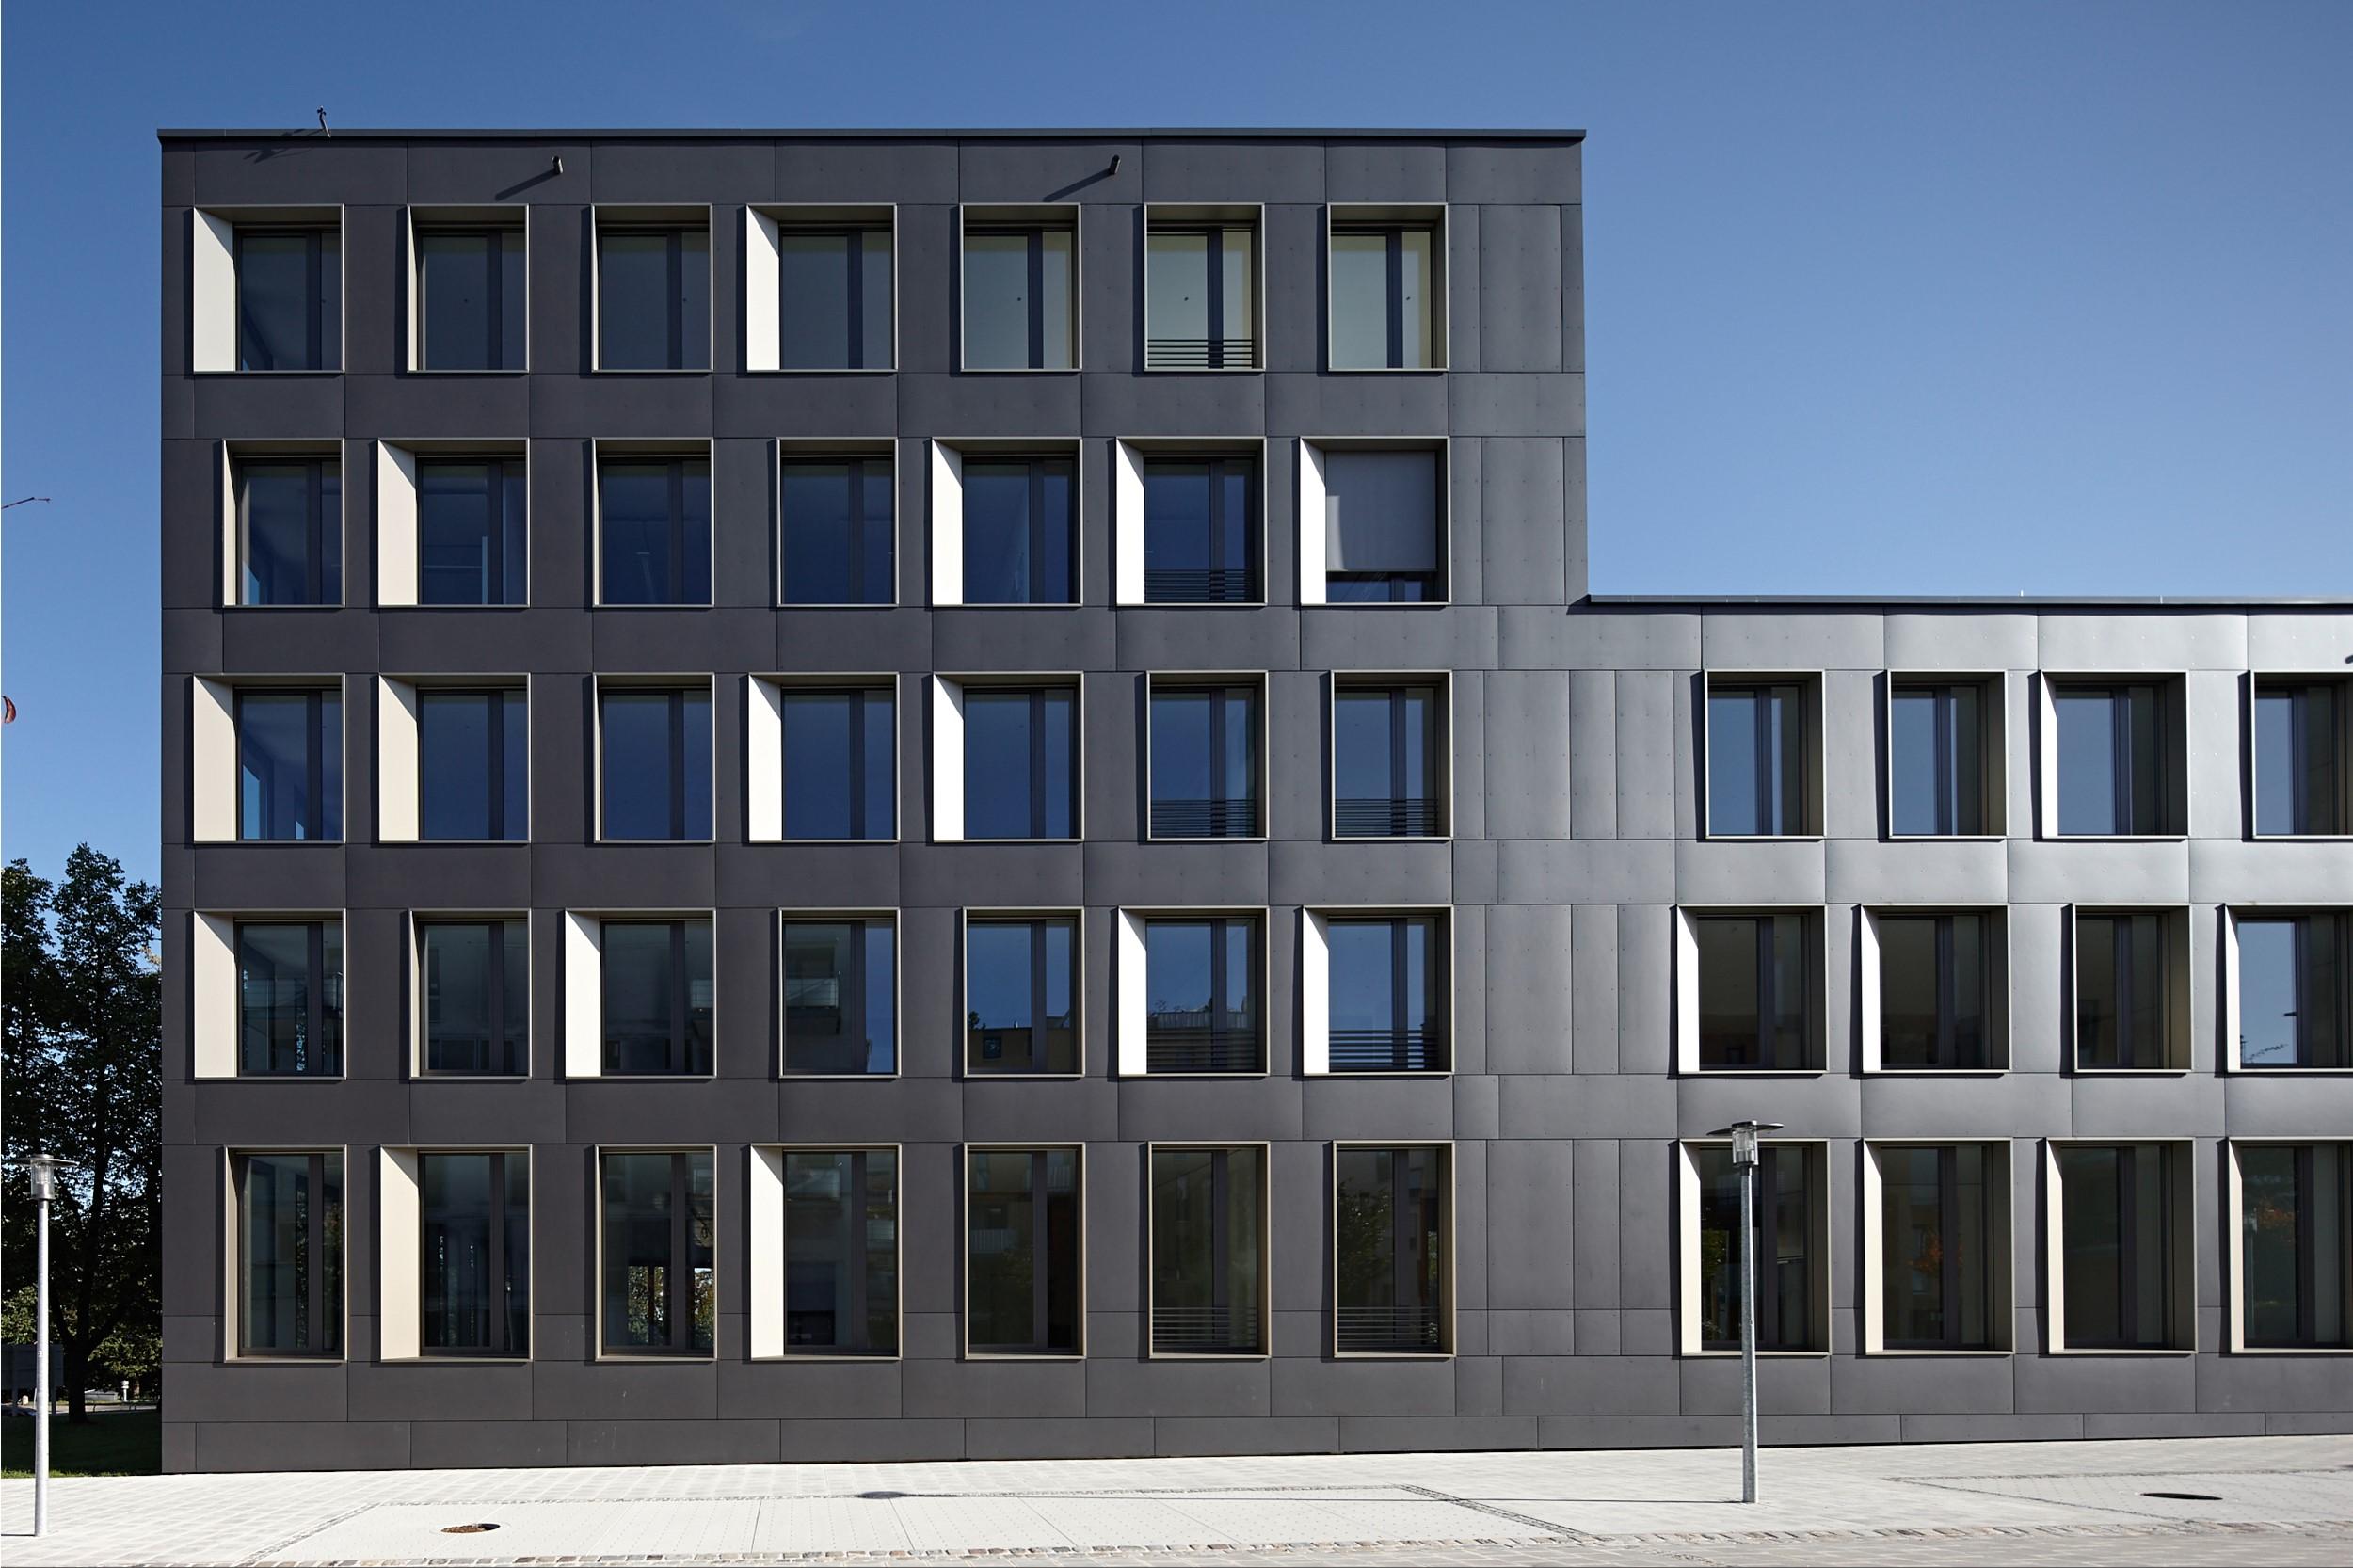 eberhard franke fotografie theresienh he m nchen. Black Bedroom Furniture Sets. Home Design Ideas